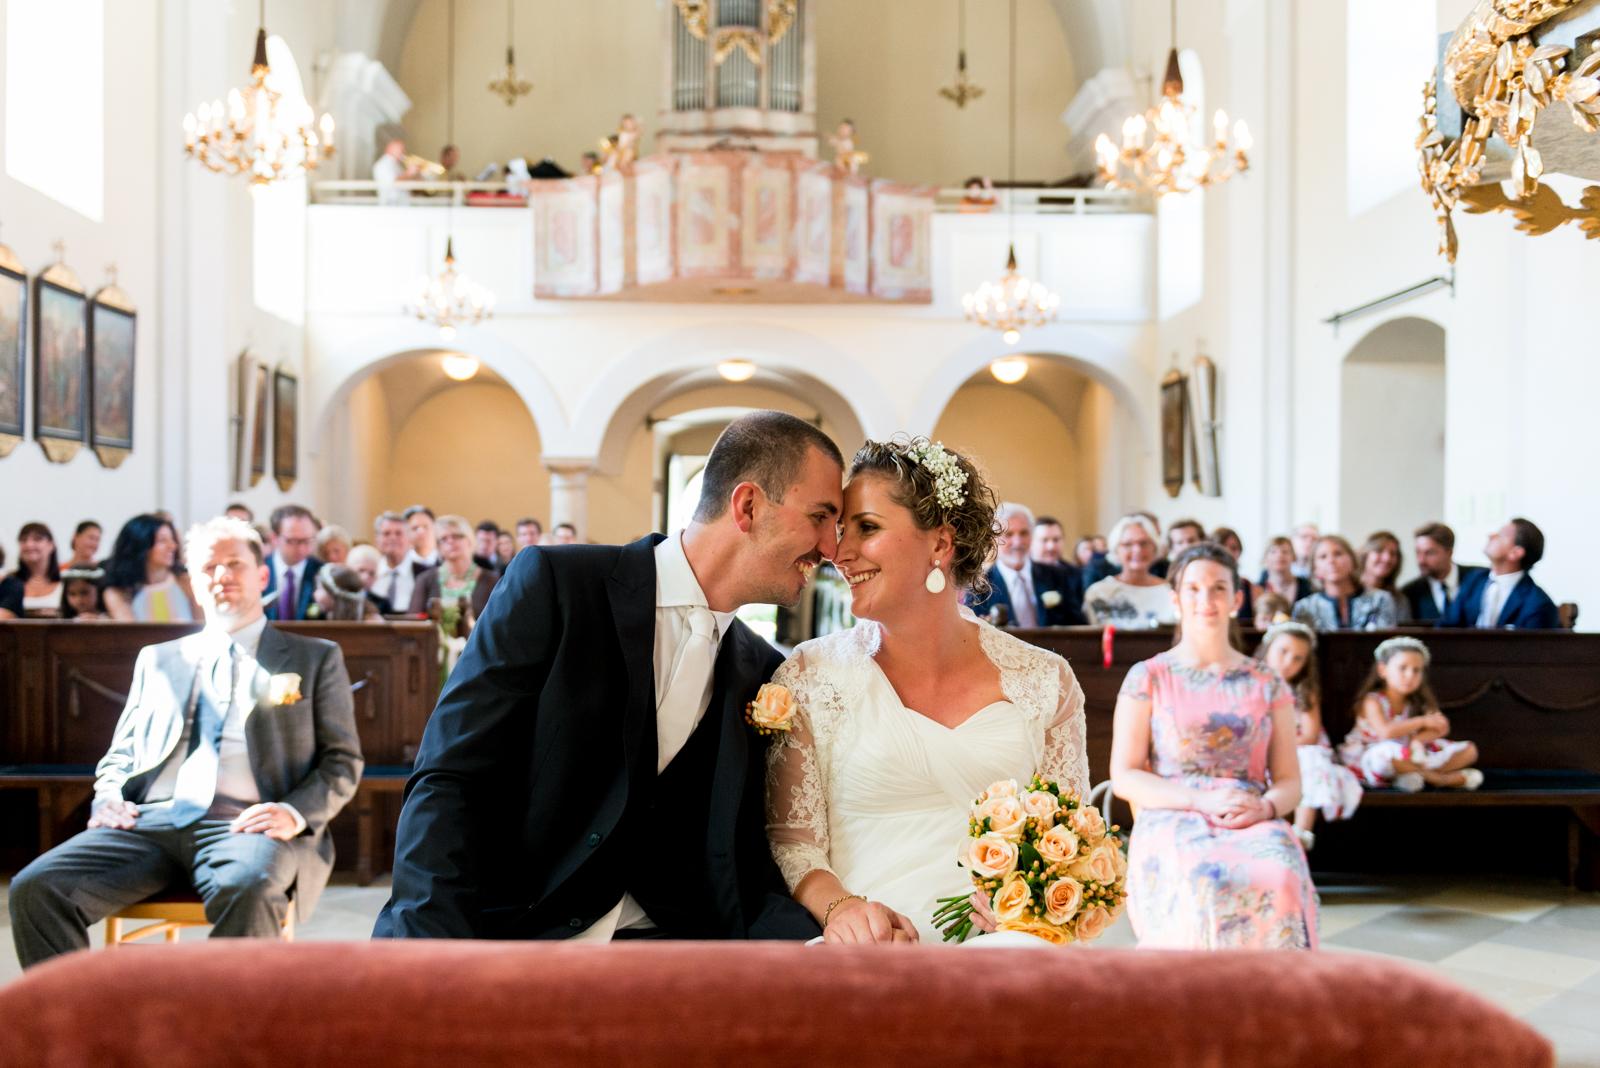 Hochzeit am Weinhof | Laid-back Winery Wedding